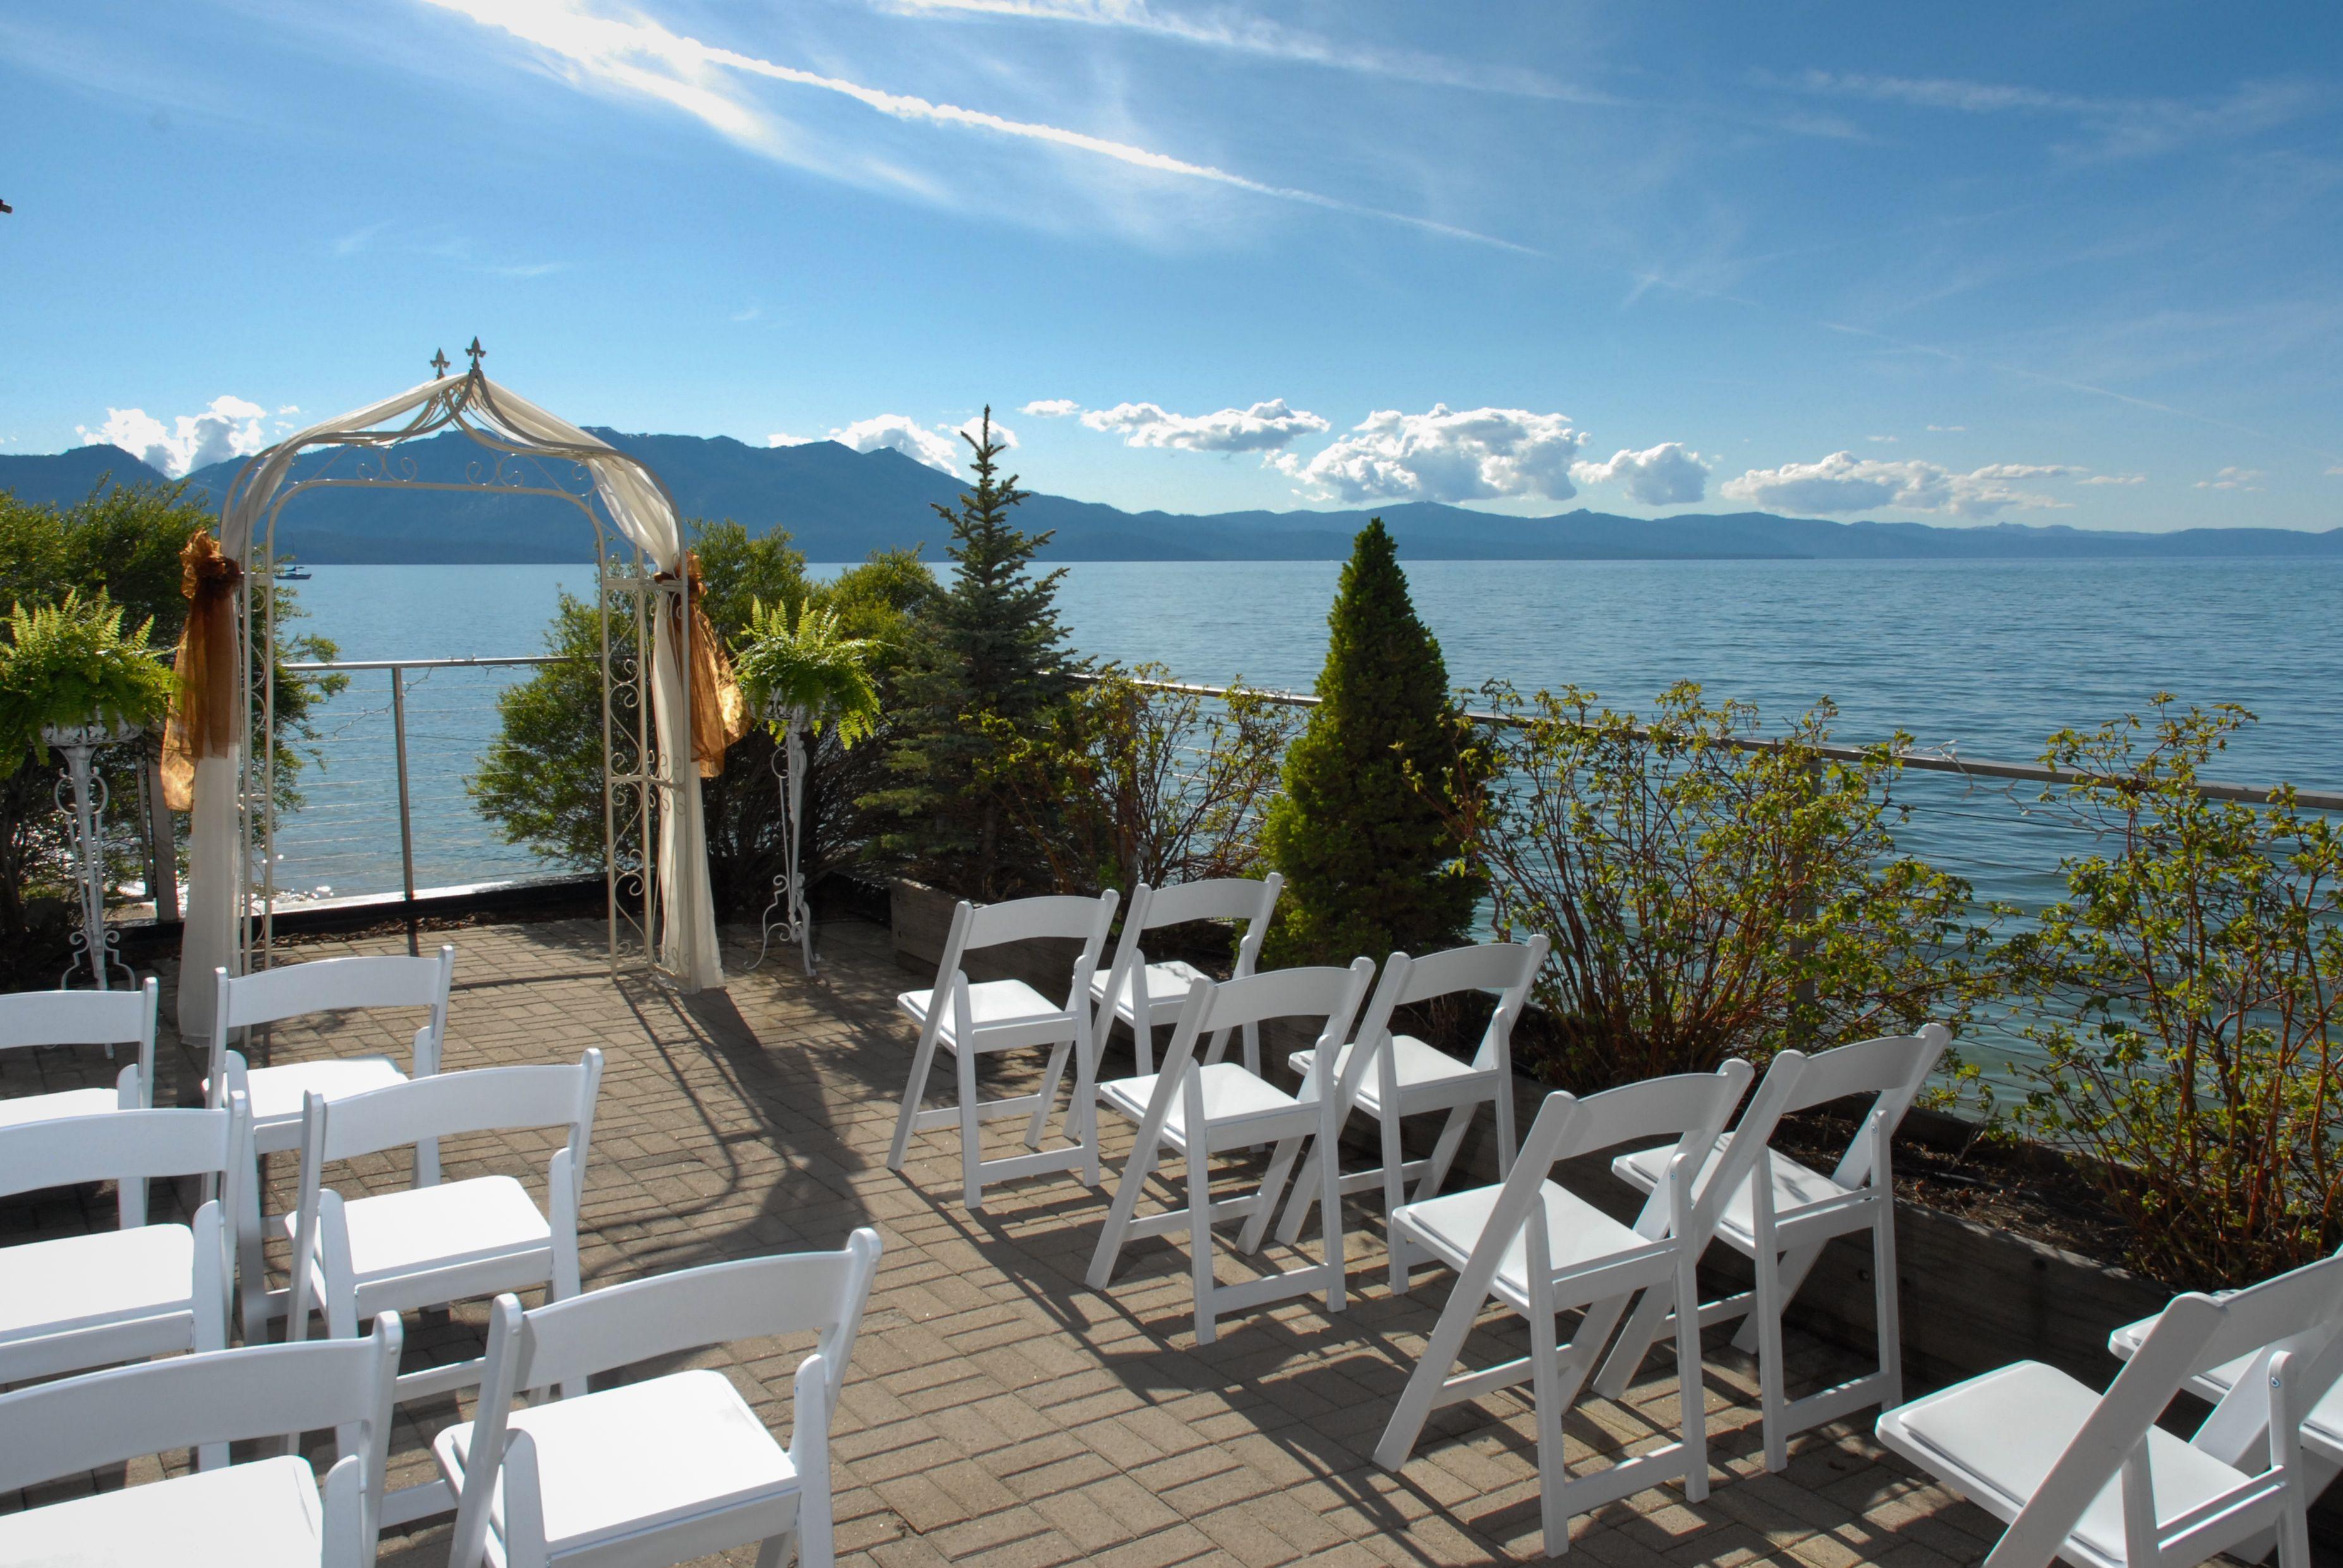 Tahoe Weddings Lake Lakefront Chapel Wedding Venues